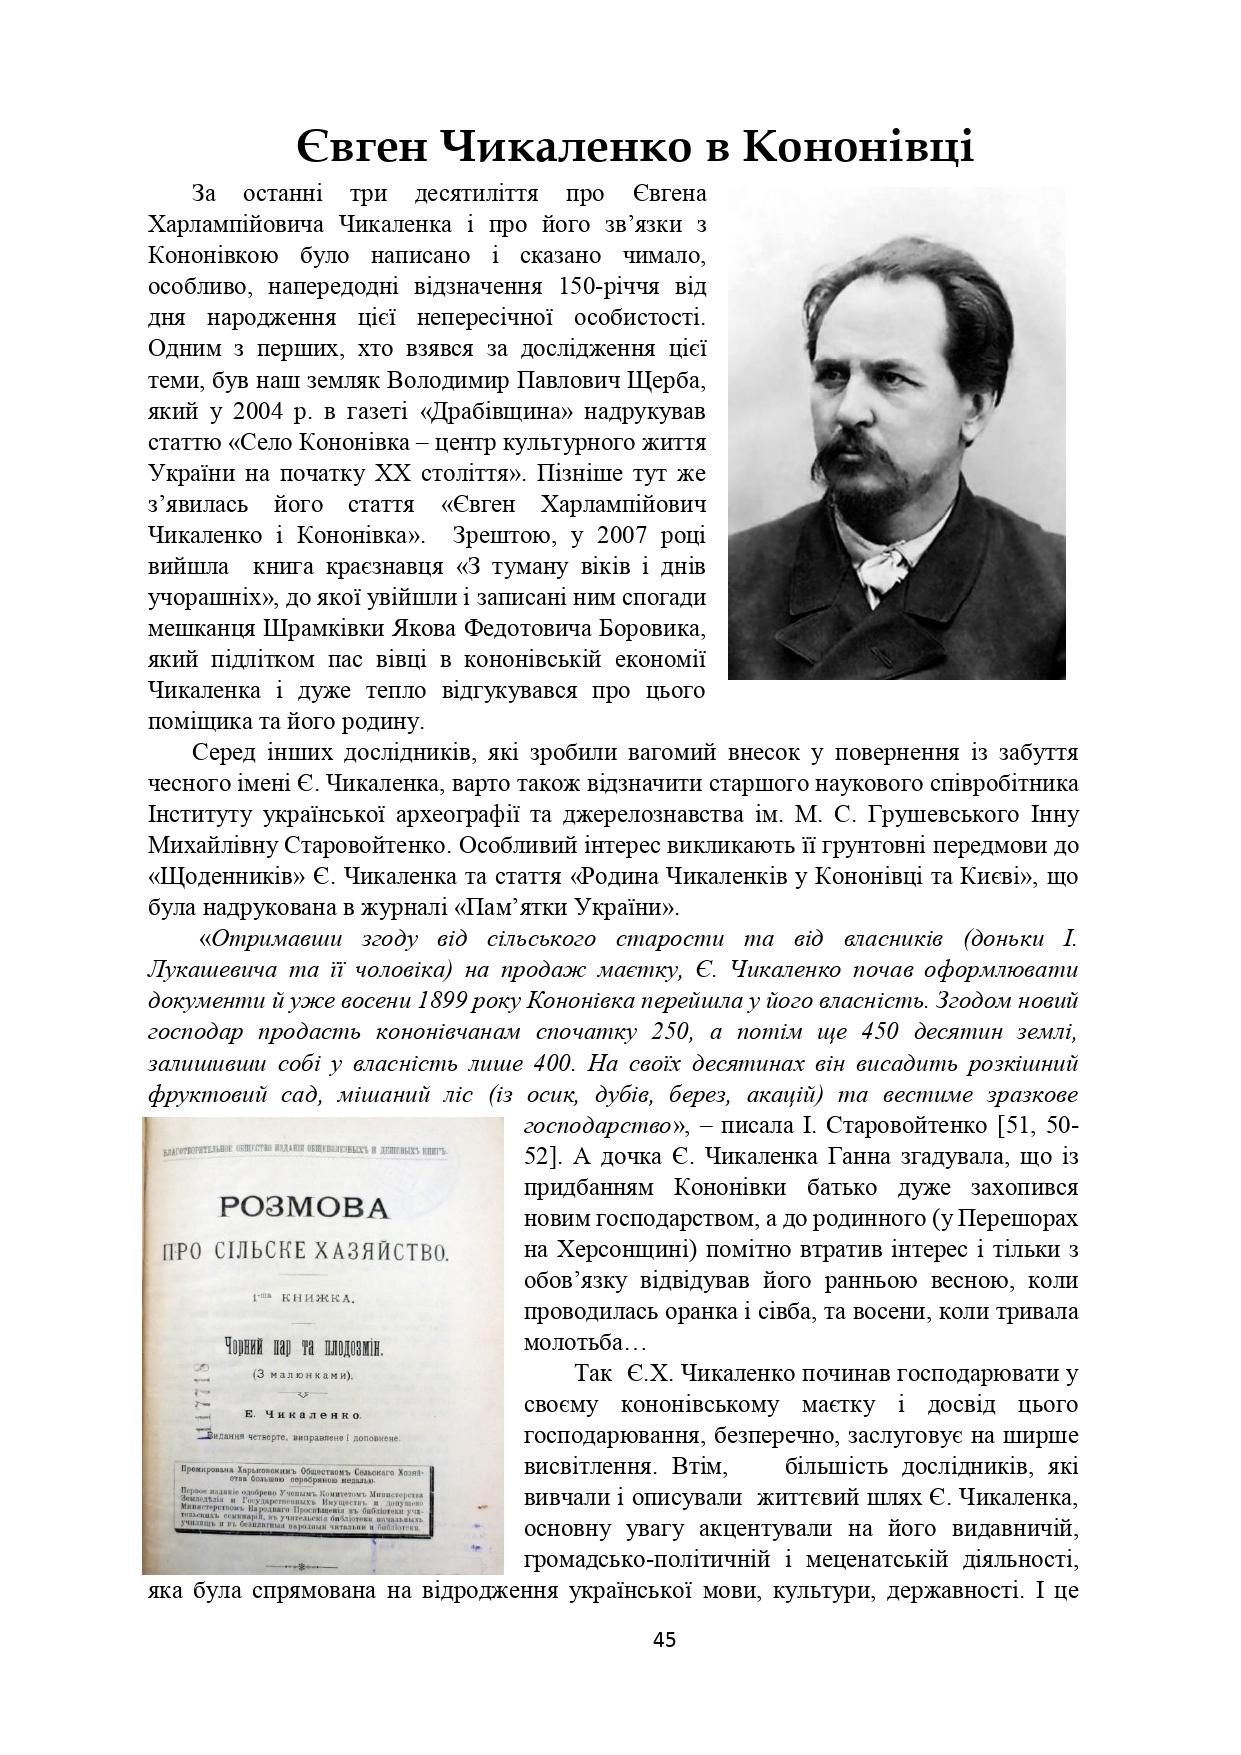 ІСТОРІЯ СЕЛА КОНОНІВКА 2021 (1)_page-0045